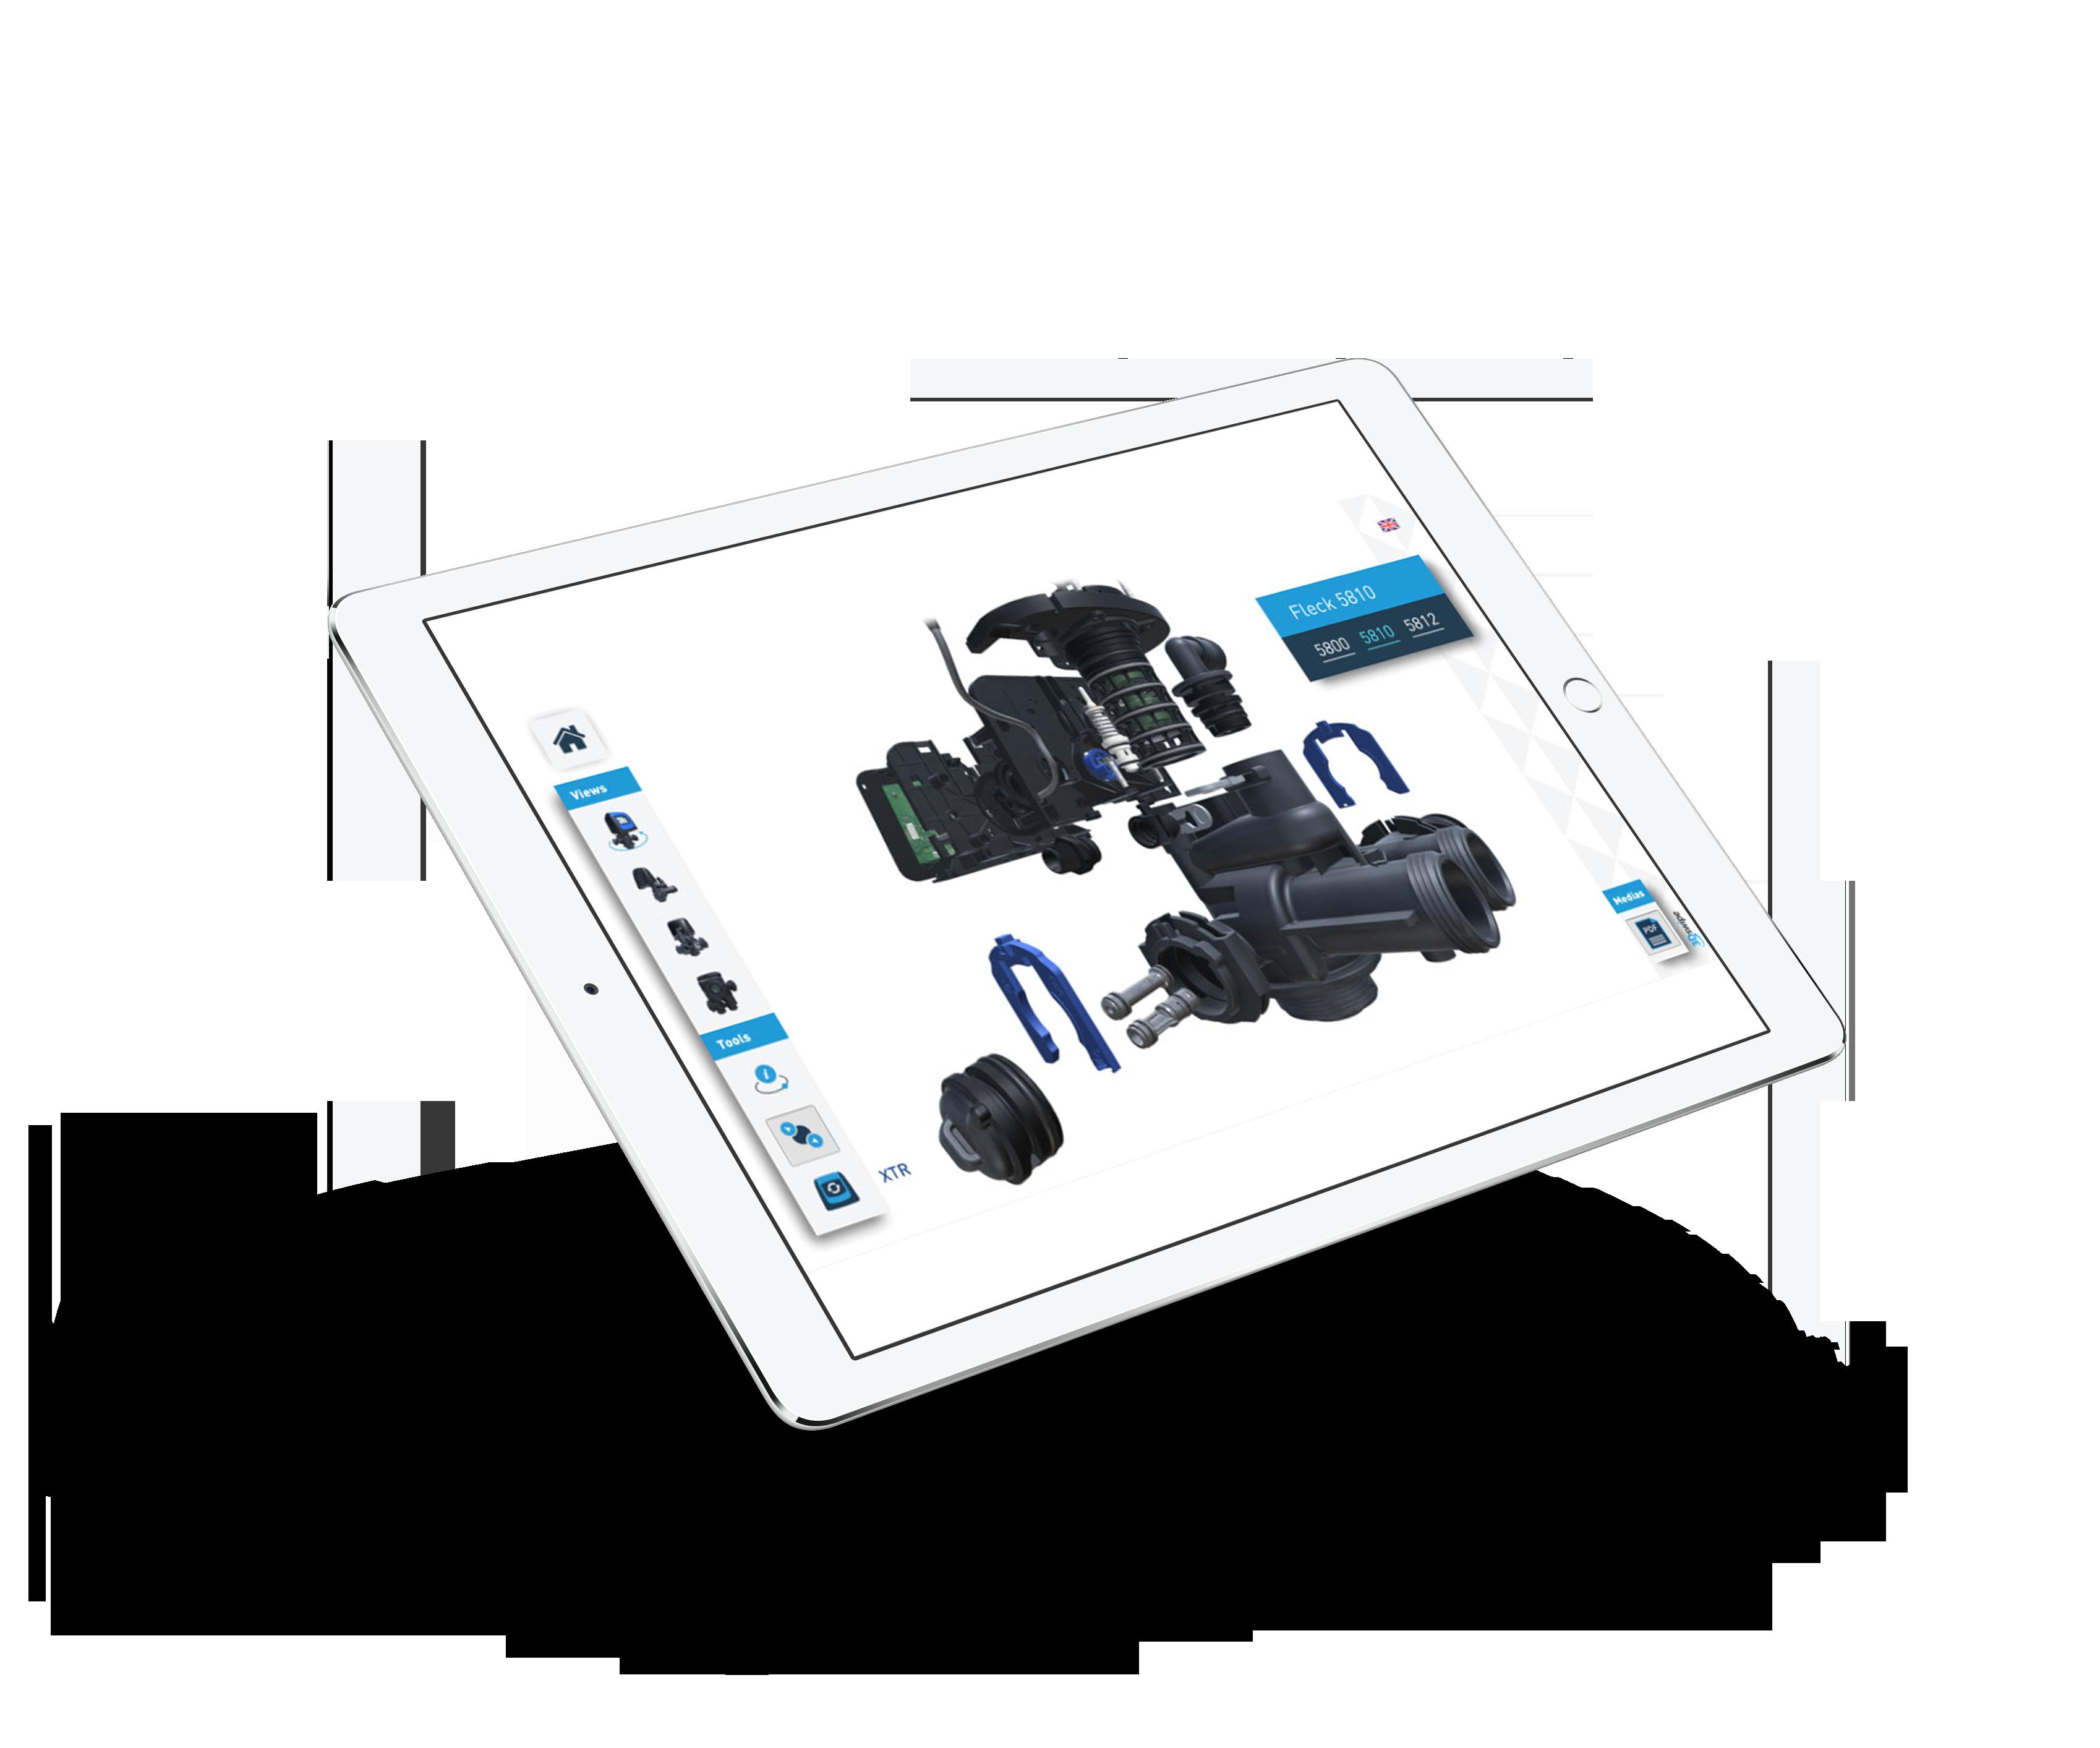 Demonstrateur 3Dswipe Pentair